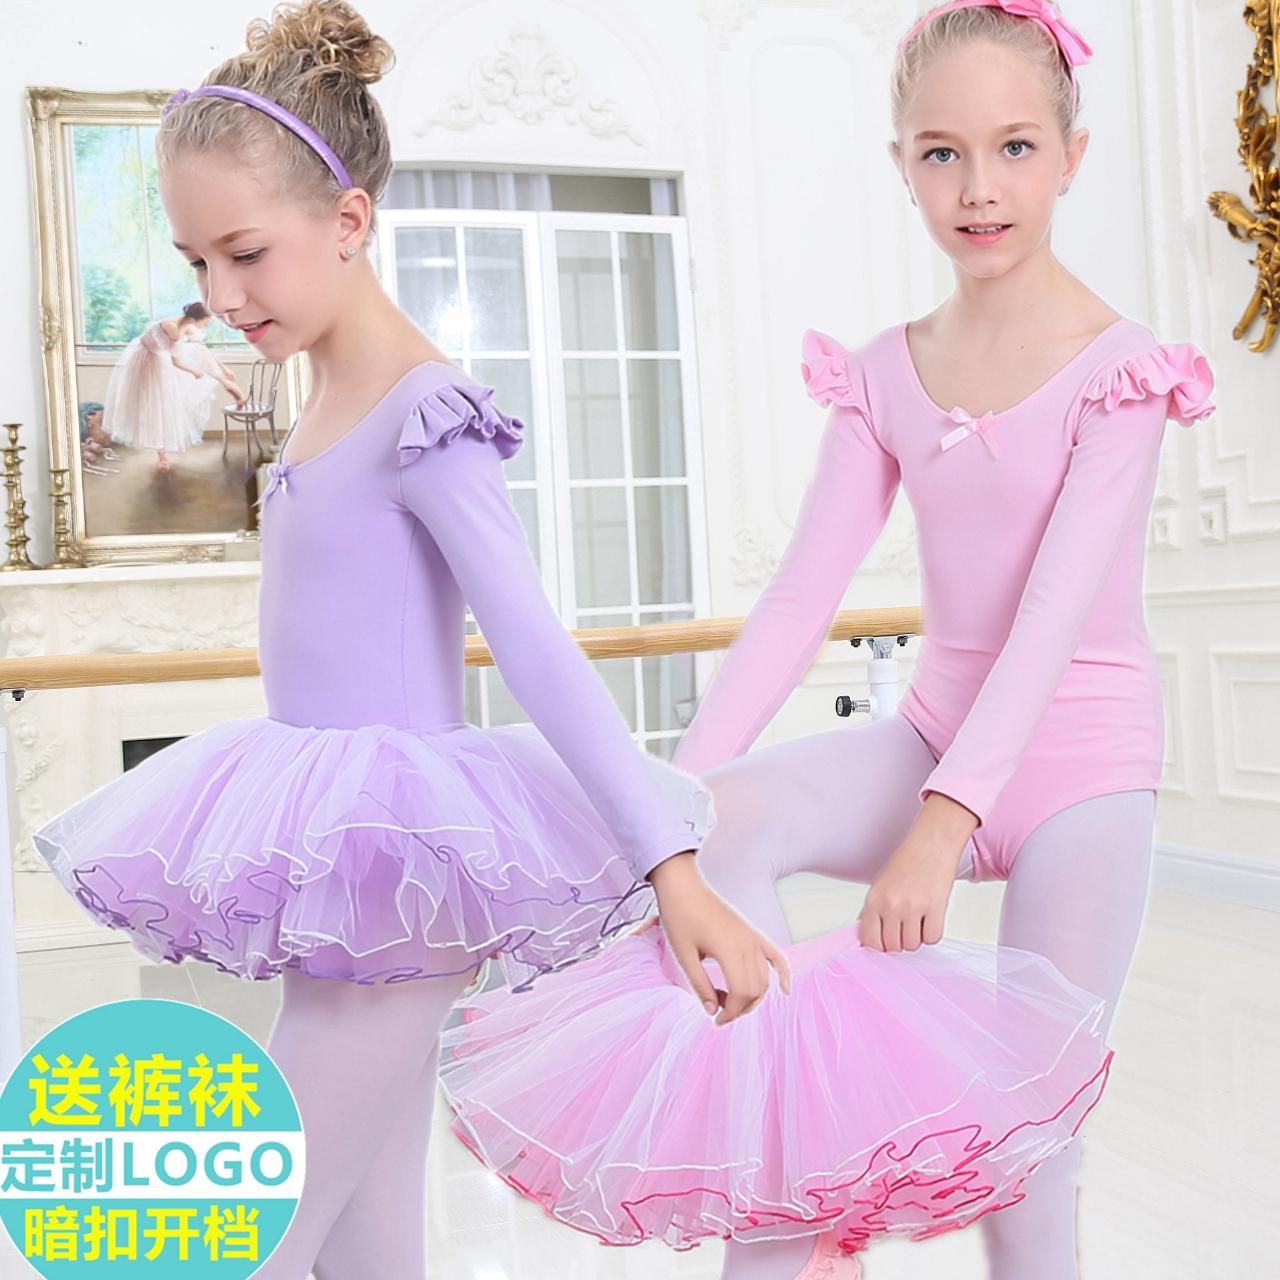 儿童中国舞蹈服女童练功服长短袖考级幼儿芭蕾舞蓬蓬裙演出服夏季